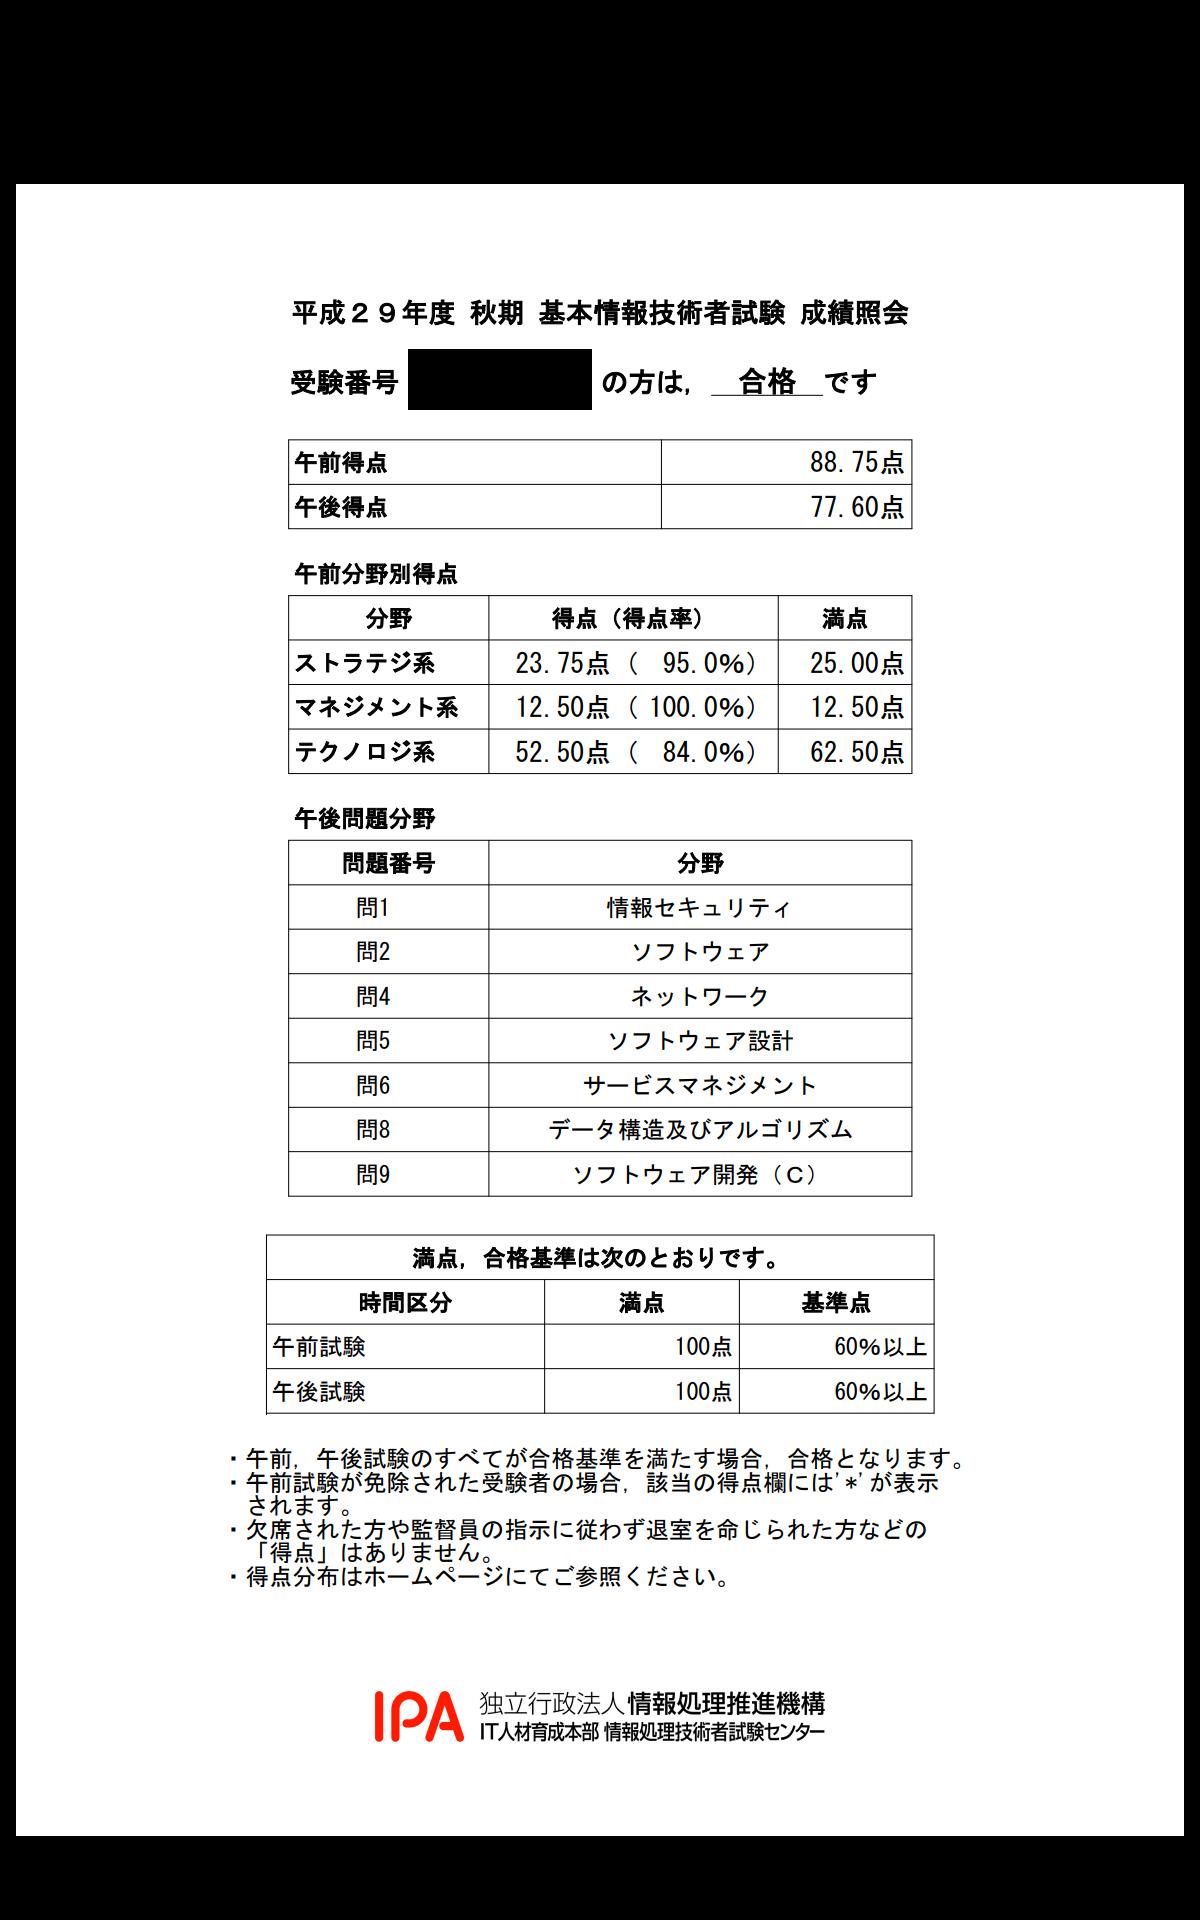 者 申し込み 情報 試験 技術 基本